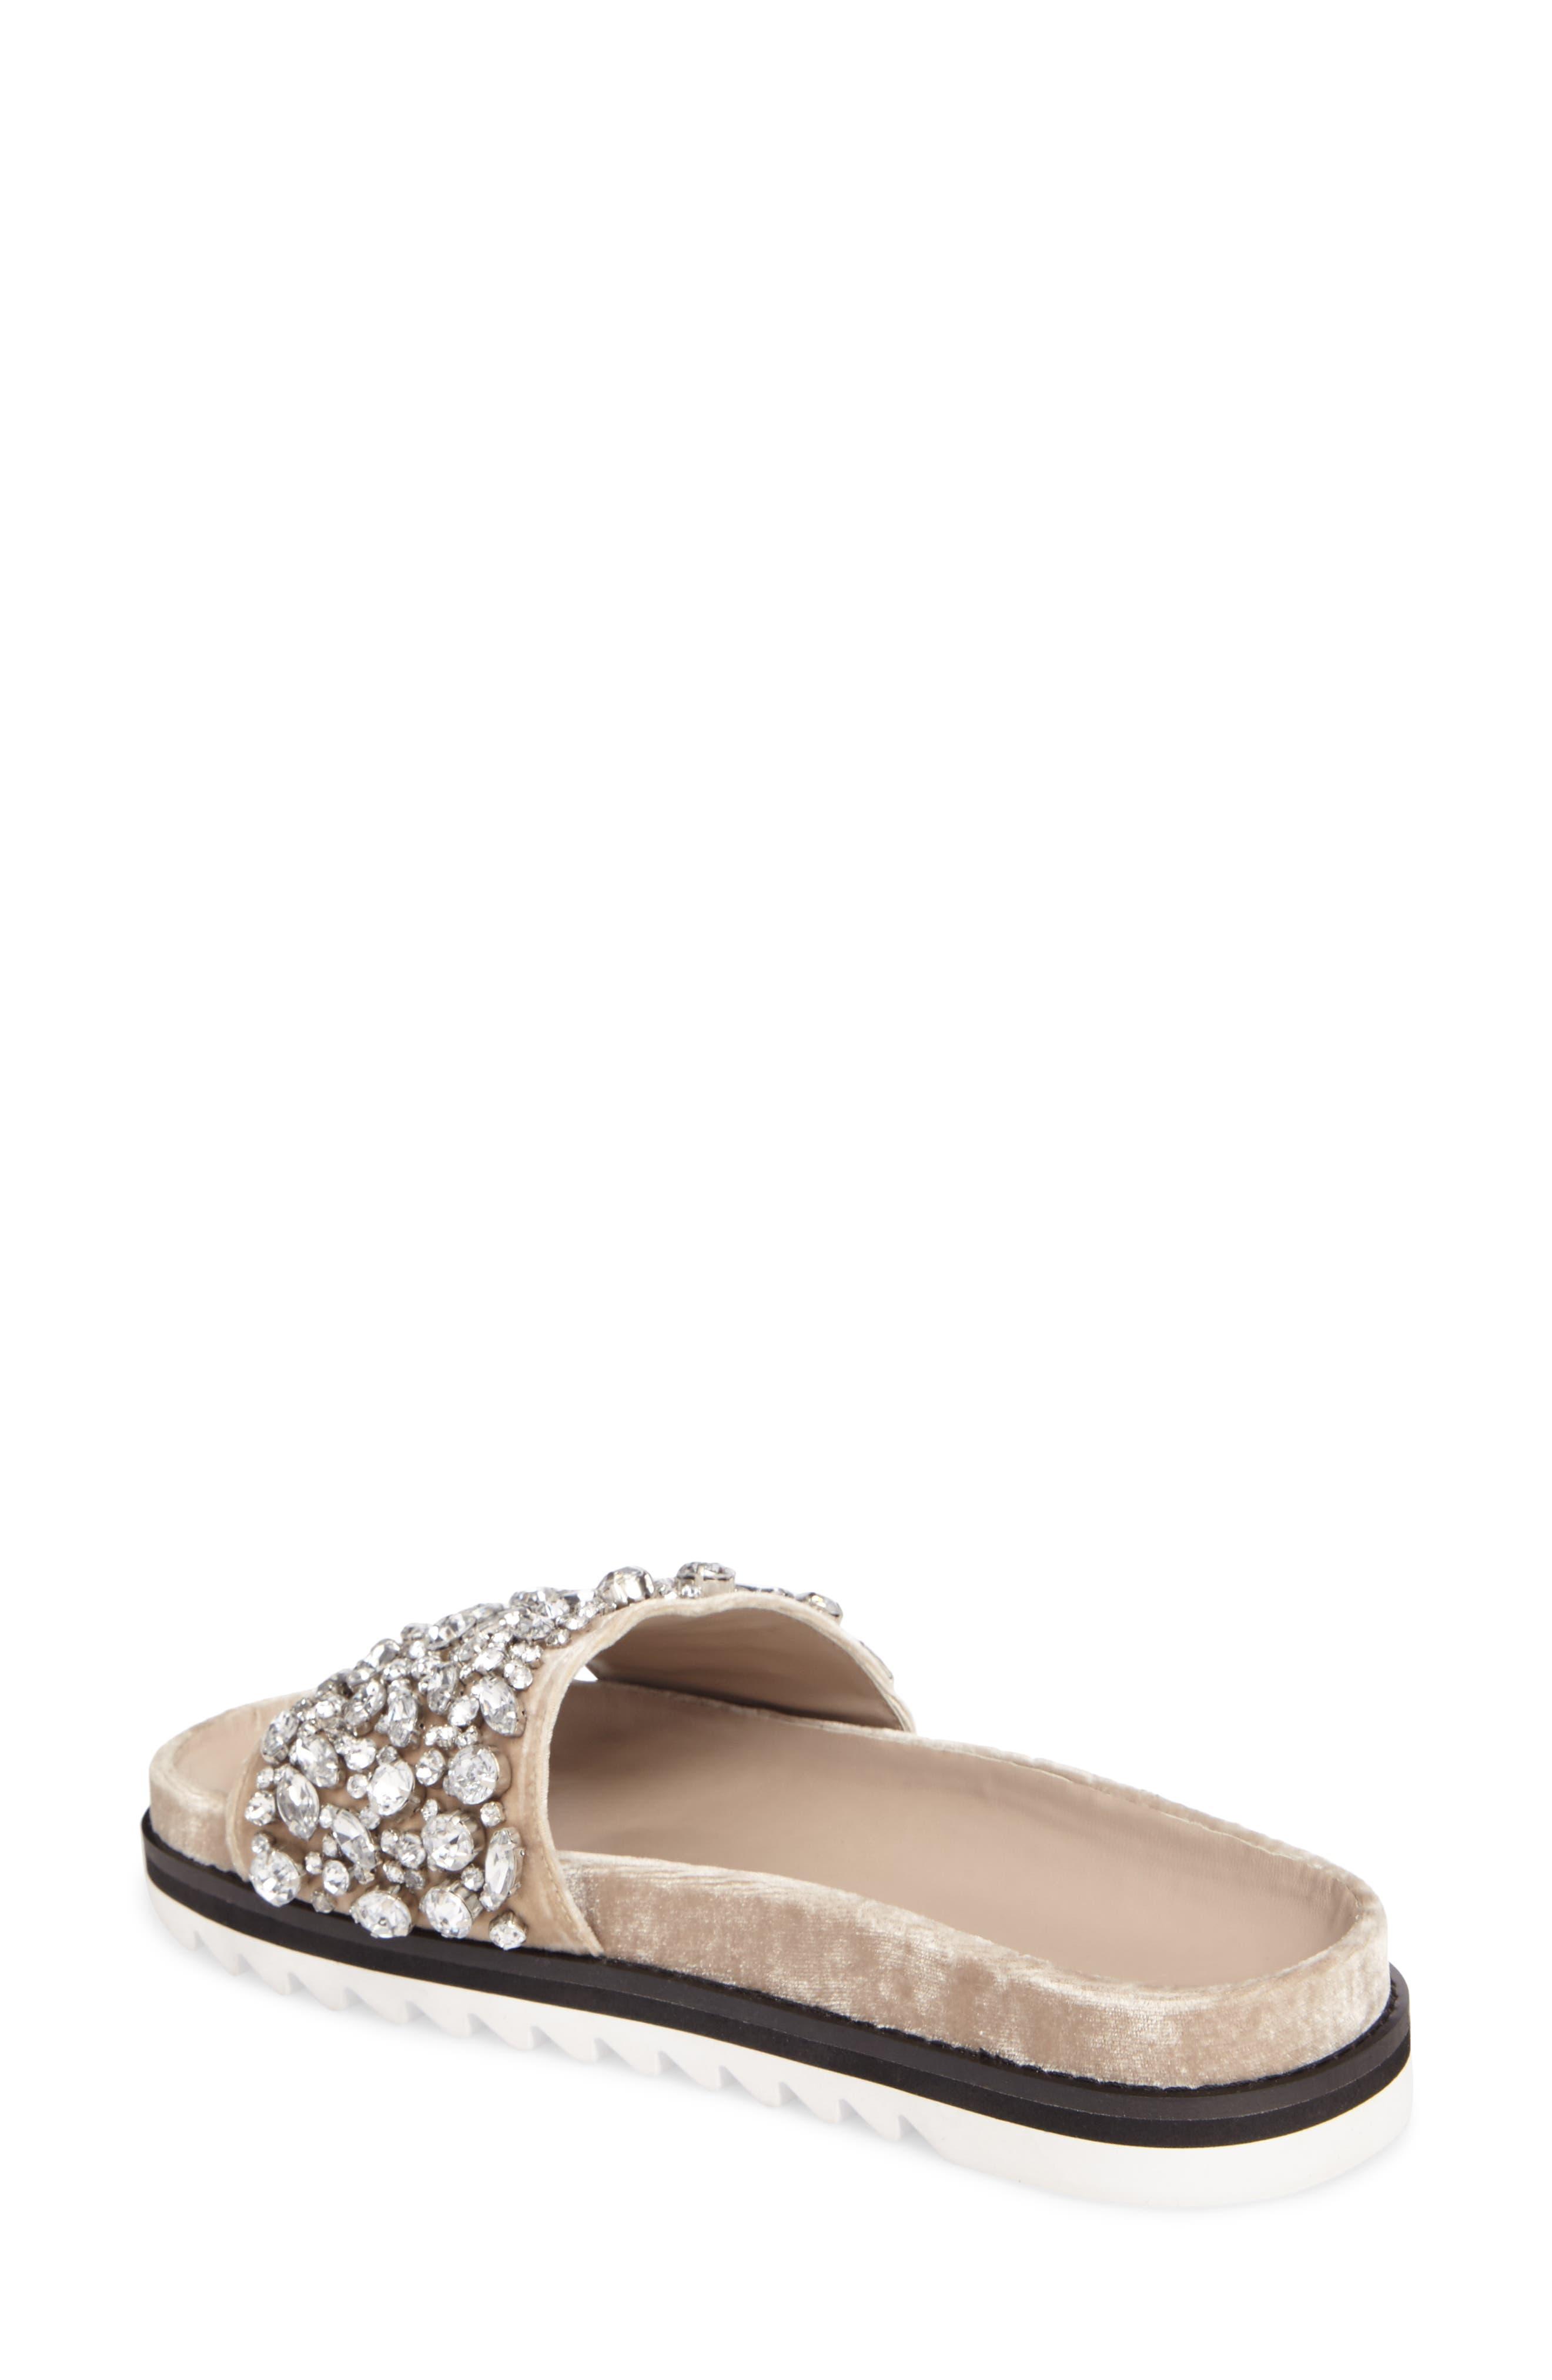 Jacory Crystal Embellished Slide Sandal,                             Alternate thumbnail 2, color,